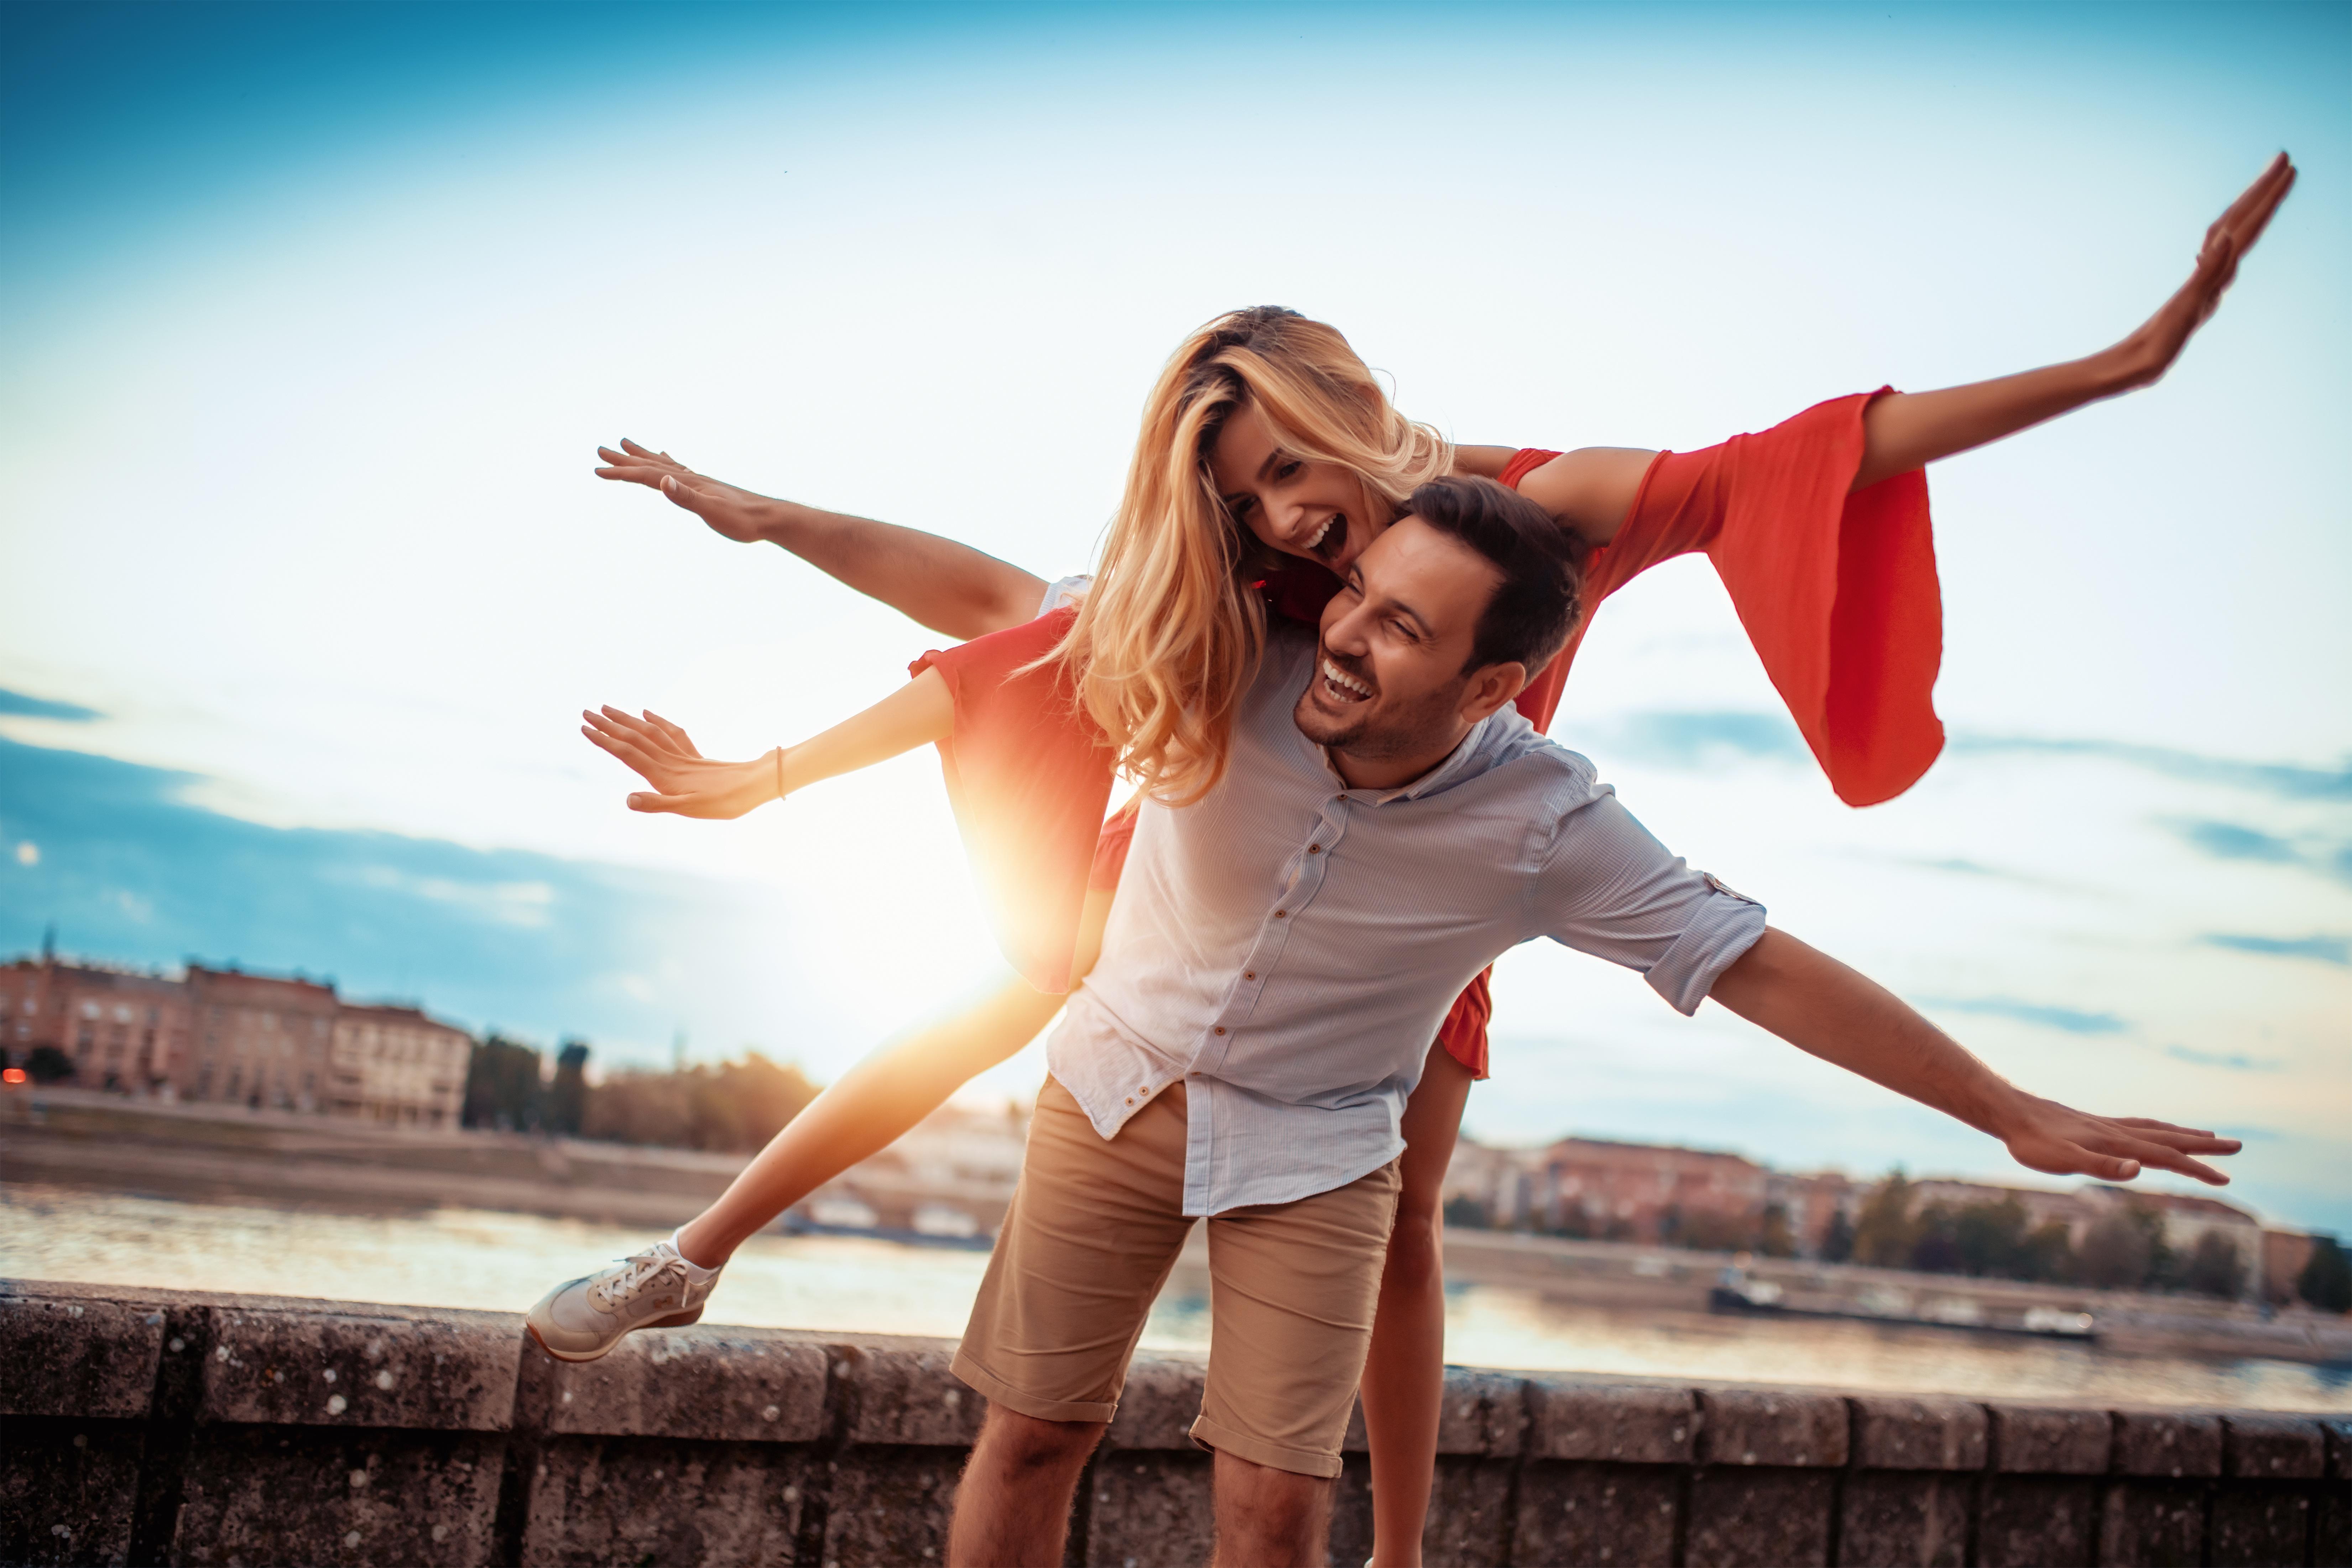 Фото картинки девушках и парнях счастье